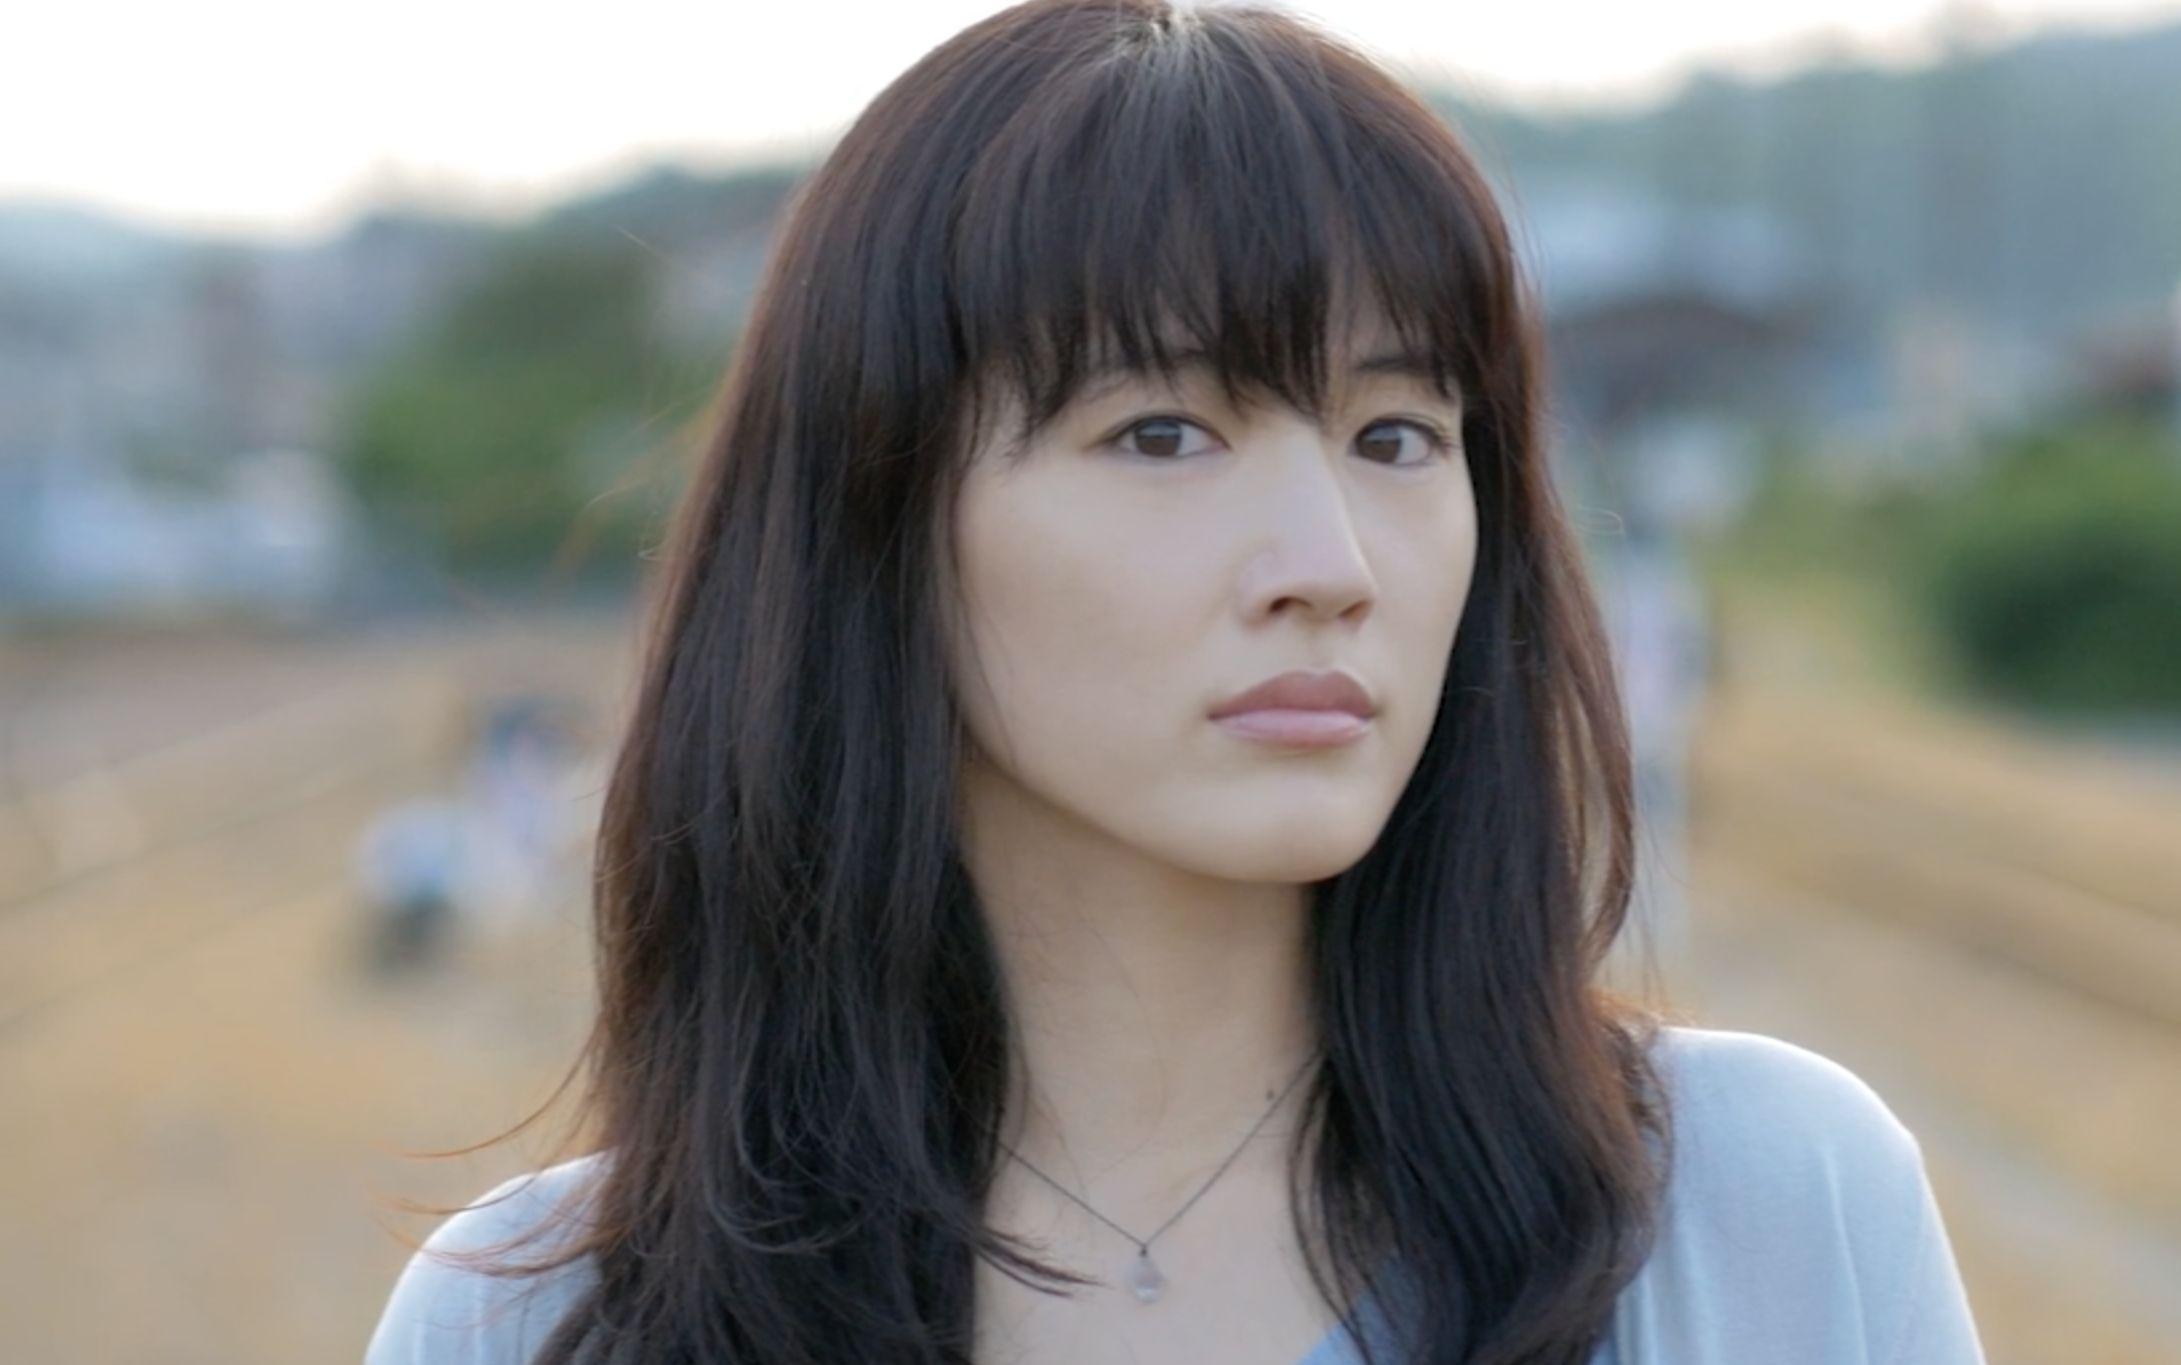 【广告CM】胸真的sha很大的奶遥 #绫濑遥# 广告CM合辑